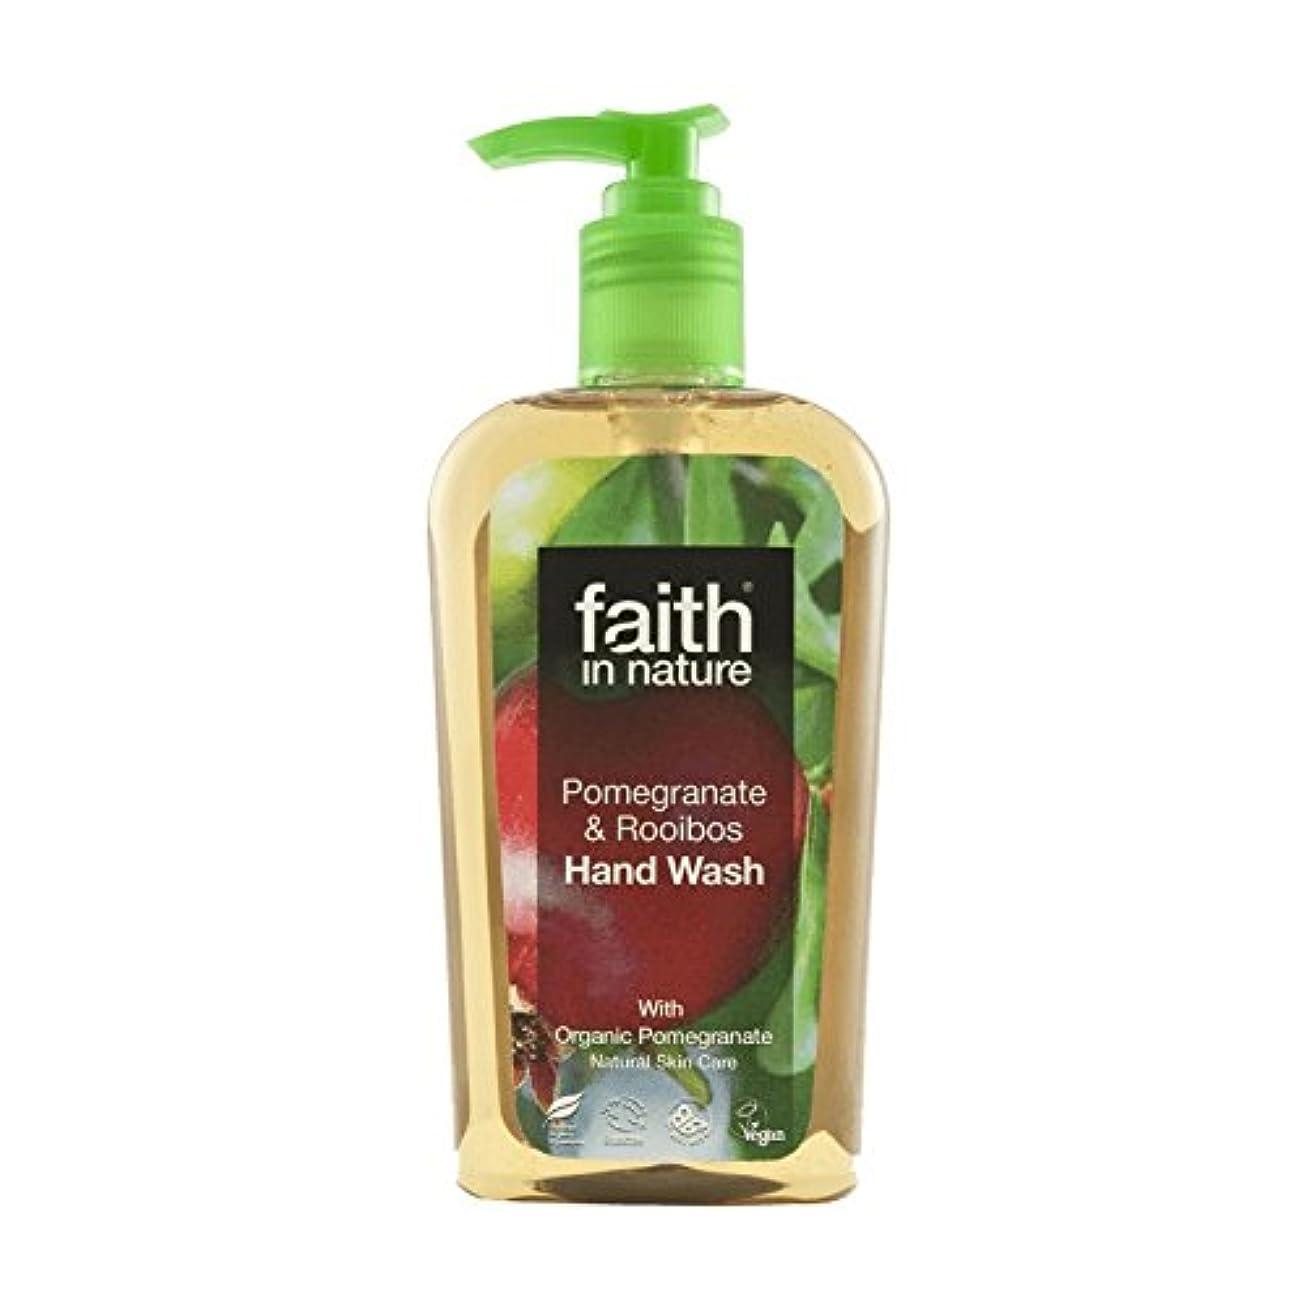 コンパクトファッション減少Faith In Nature Pomegranate & Rooibos Handwash 300ml (Pack of 2) - 自然ザクロ&ルイボス手洗いの300ミリリットルの信仰 (x2) [並行輸入品]